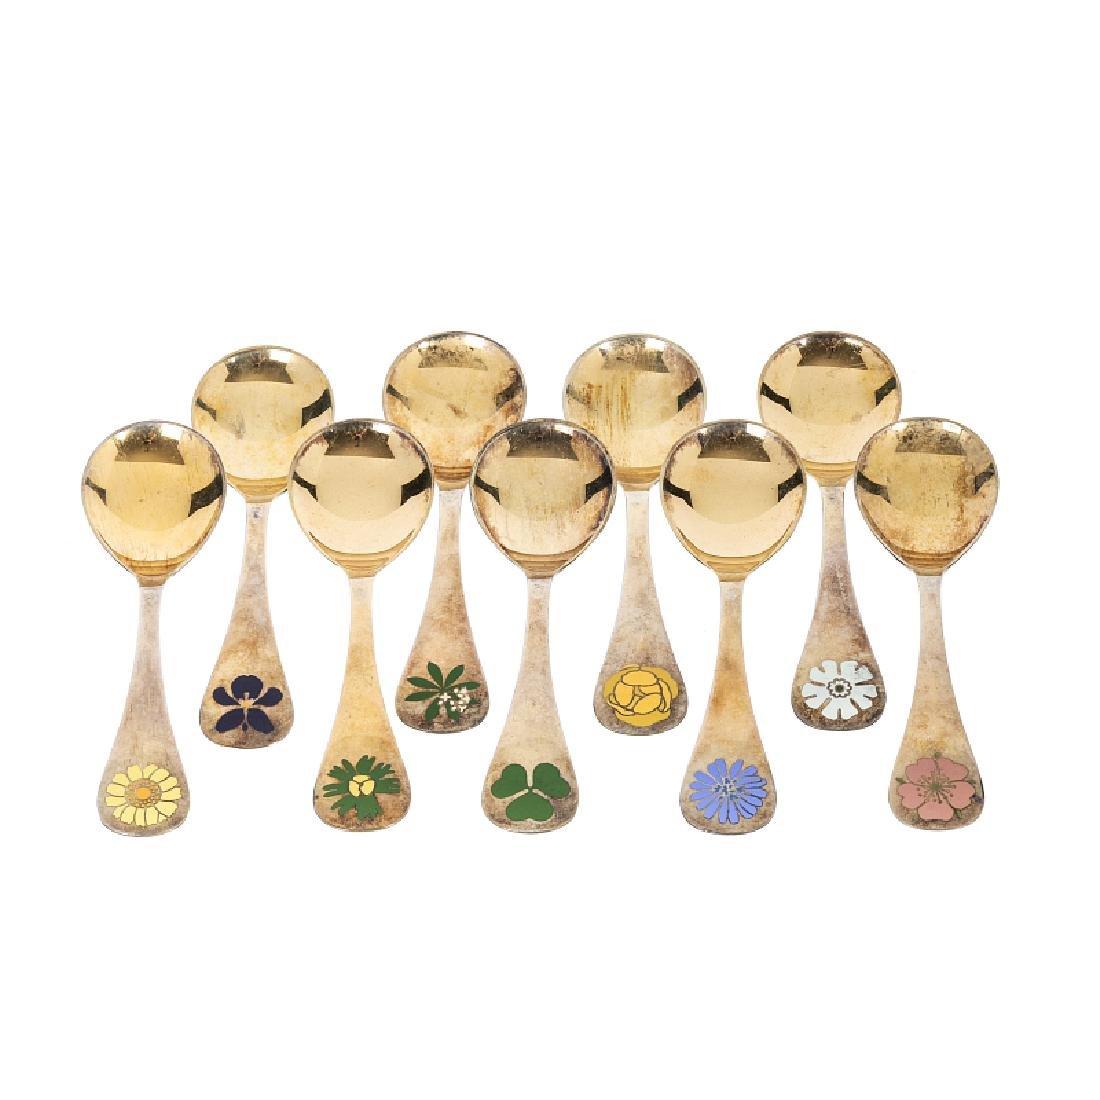 GEORG JENSEN - Nine 'Year' enamel silver spoons